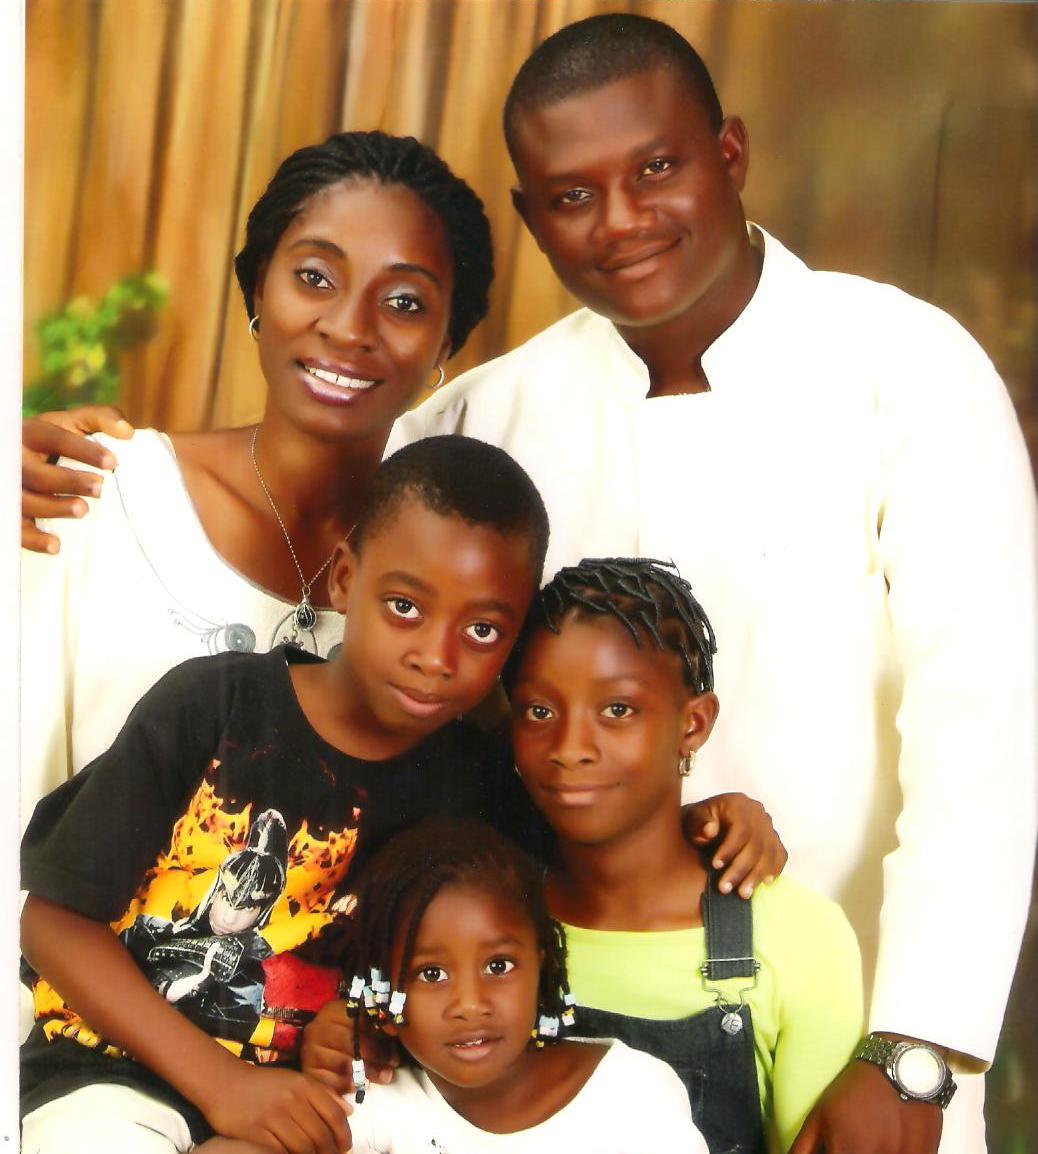 Nigeria - Deji Ayodele Adekoya